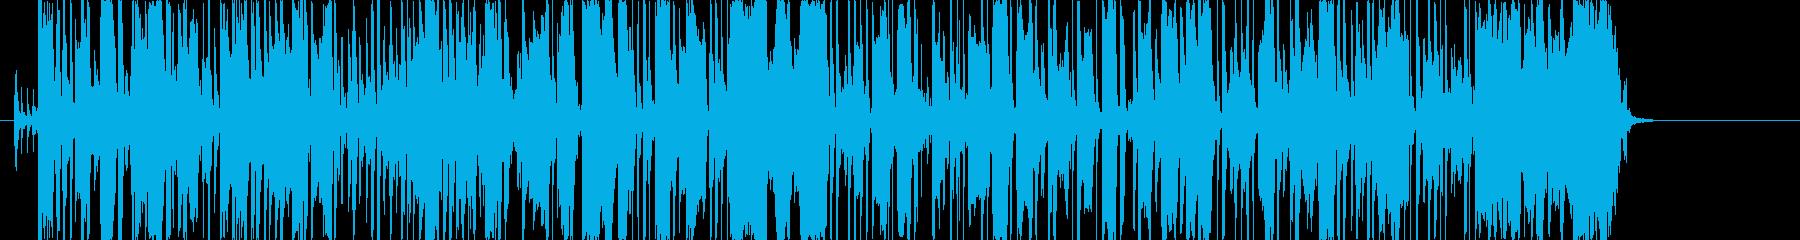 エフェクトのかかったスラップベースの再生済みの波形